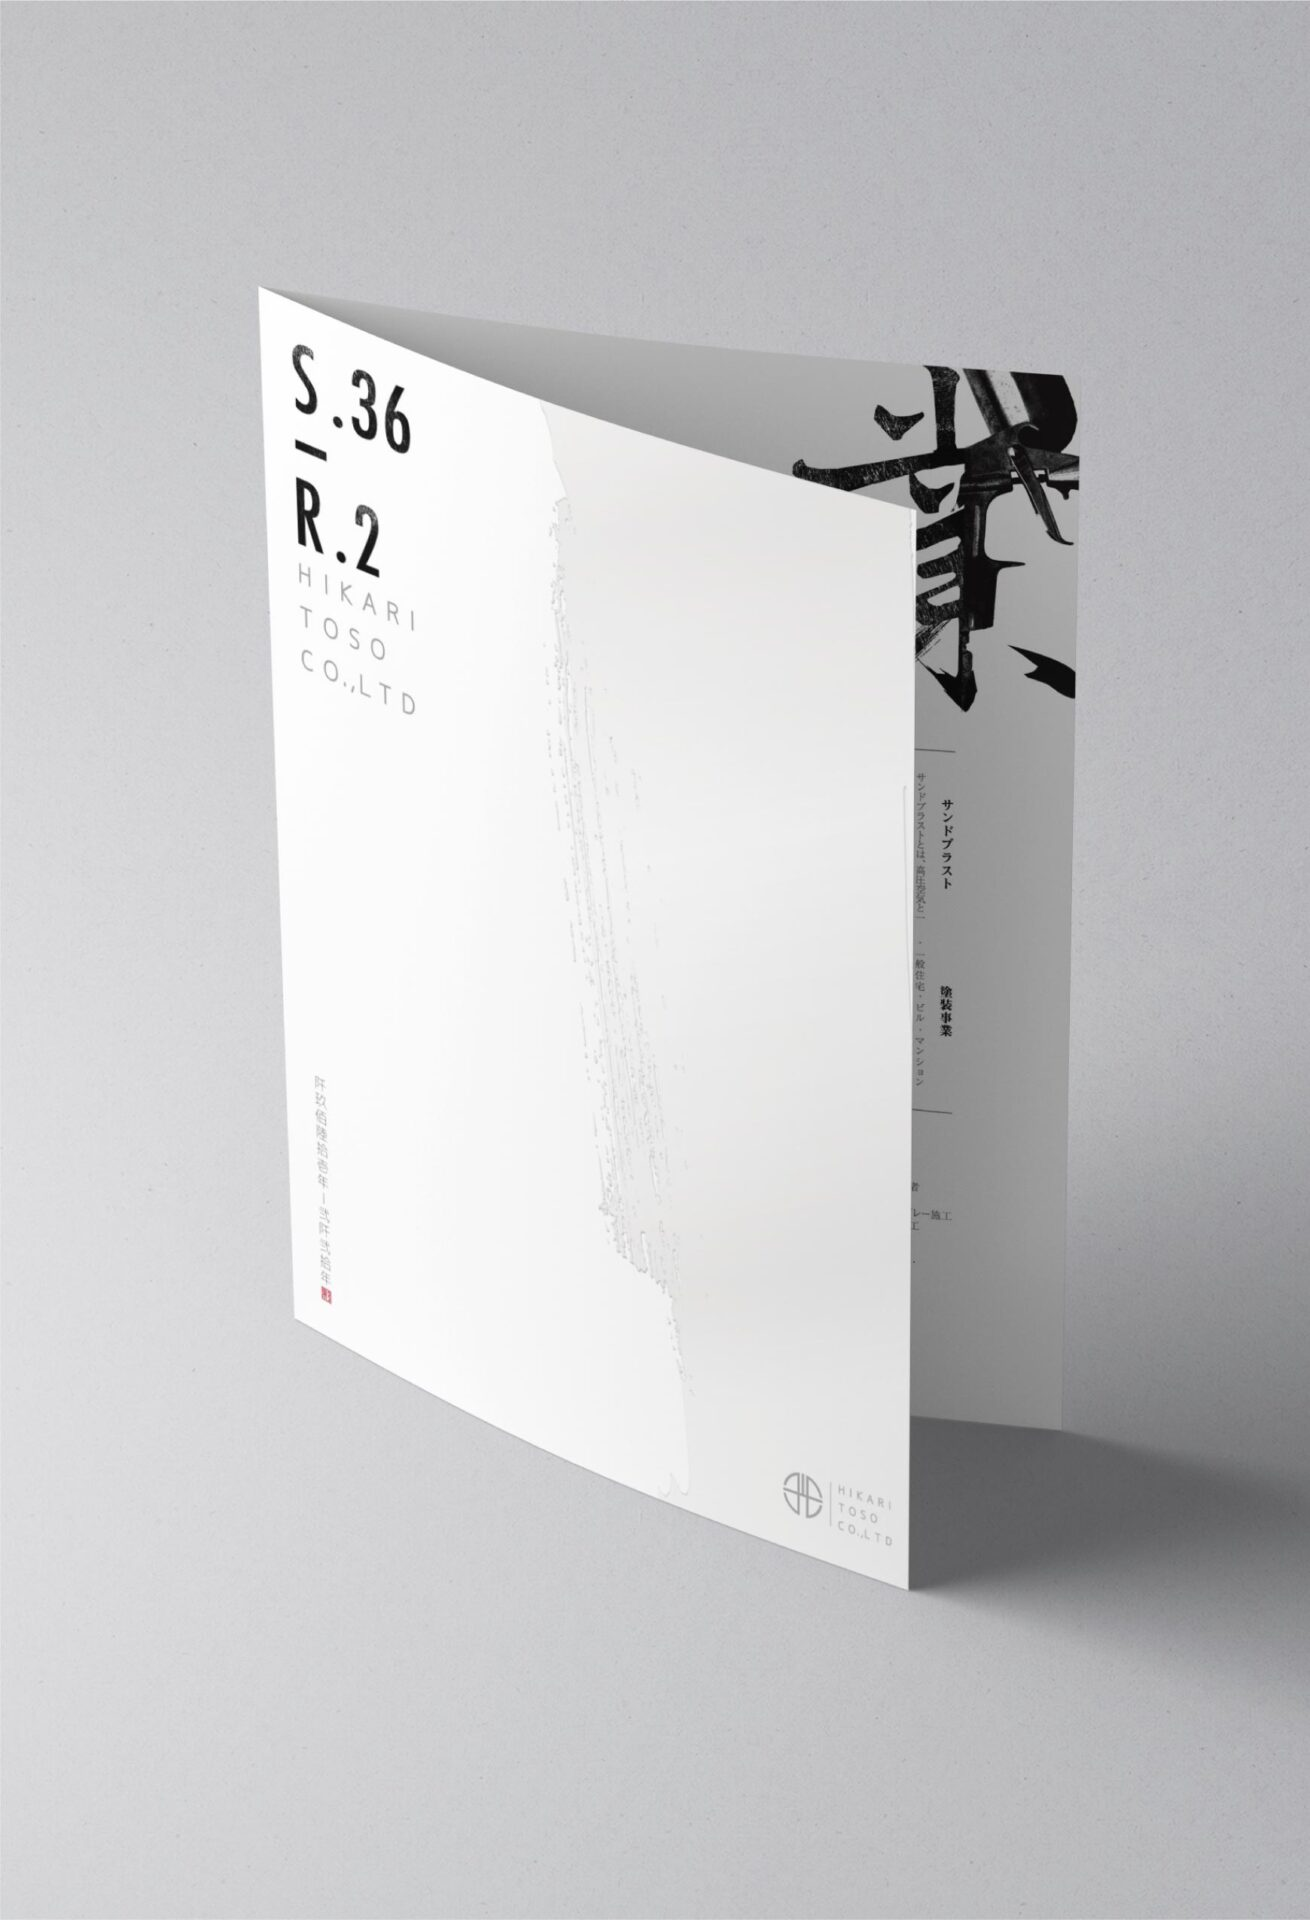 「HIKARITOSO CO .,LTD」の実績画像